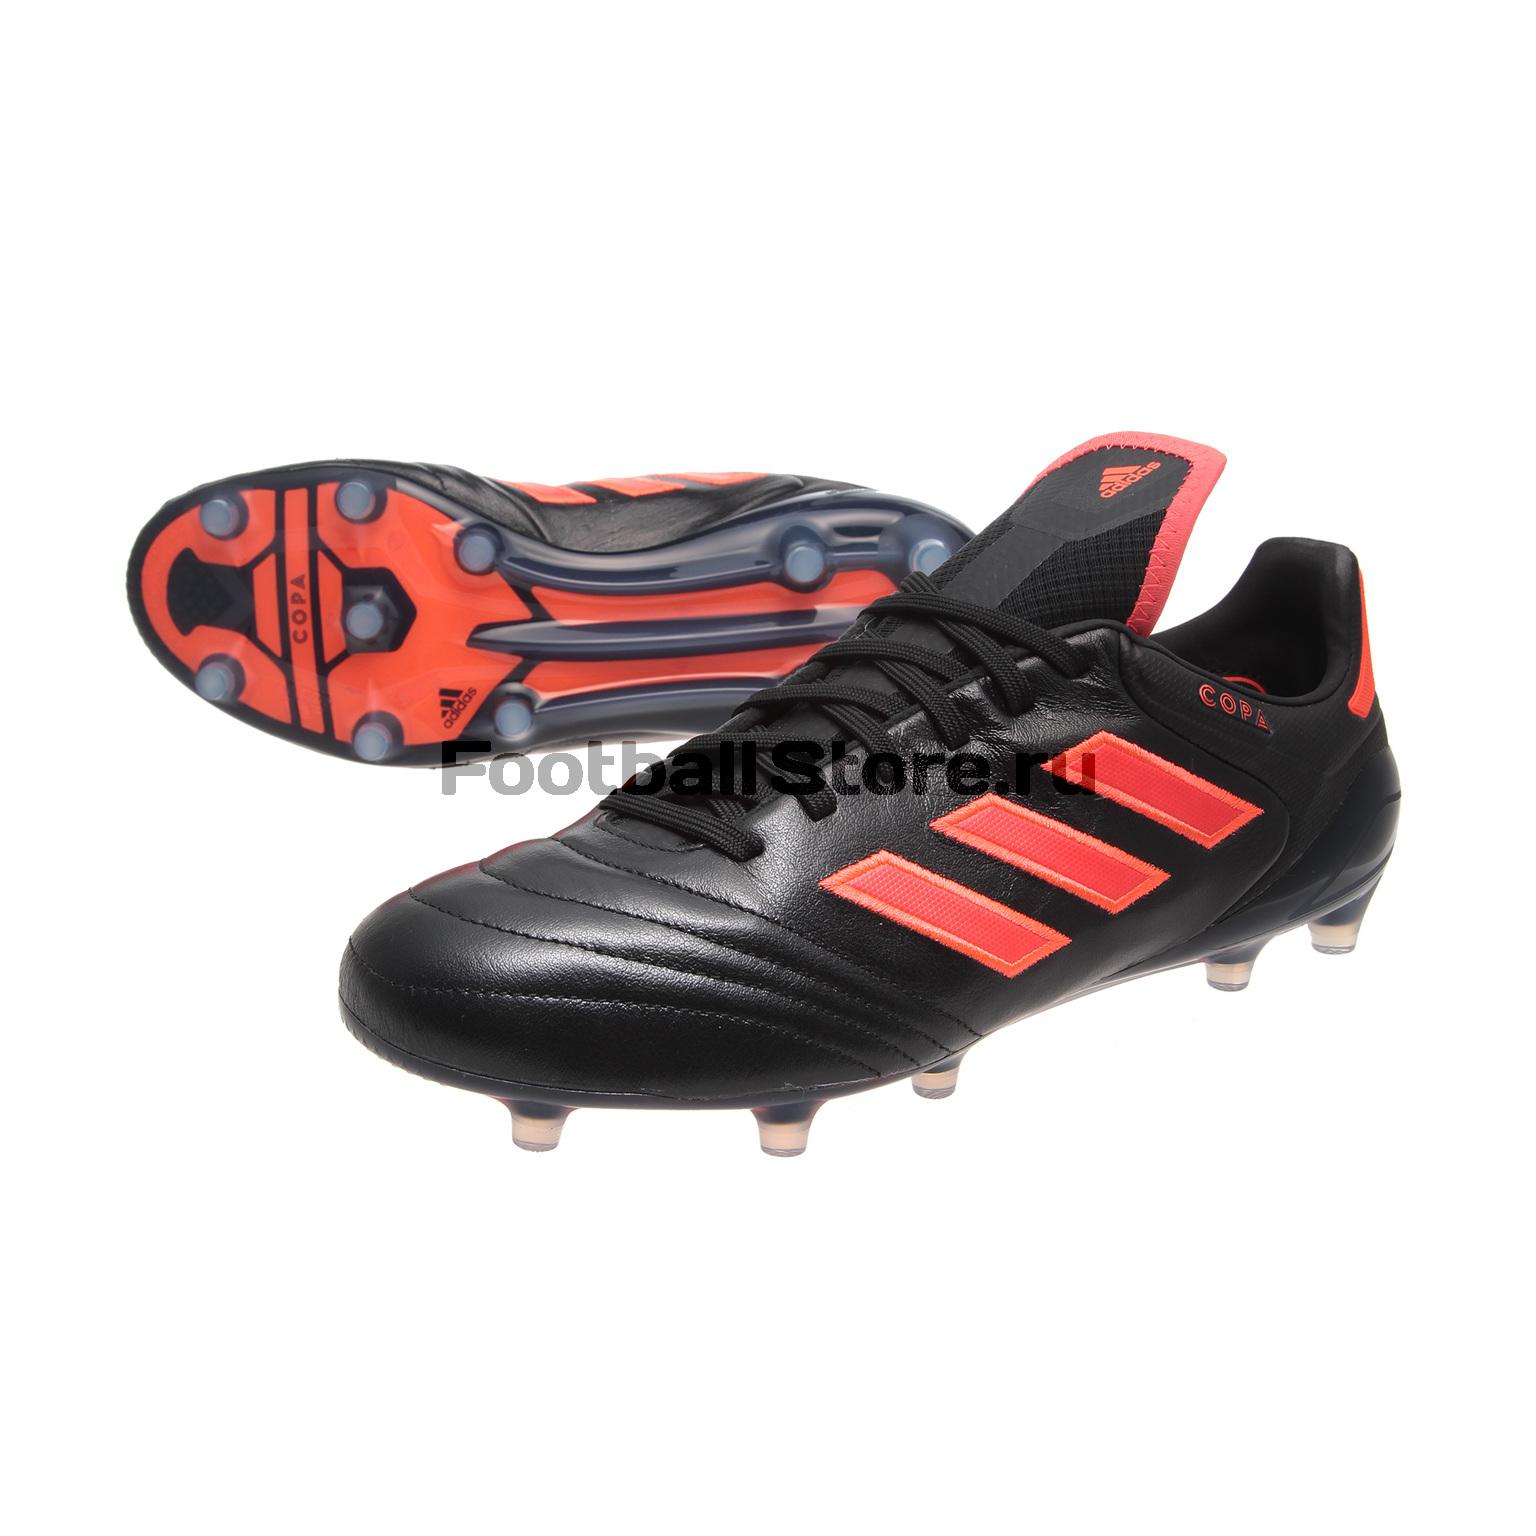 Бутсы Adidas Copa 17.1 FG S77128 бутсы adidas x 17 1 fg bb6353